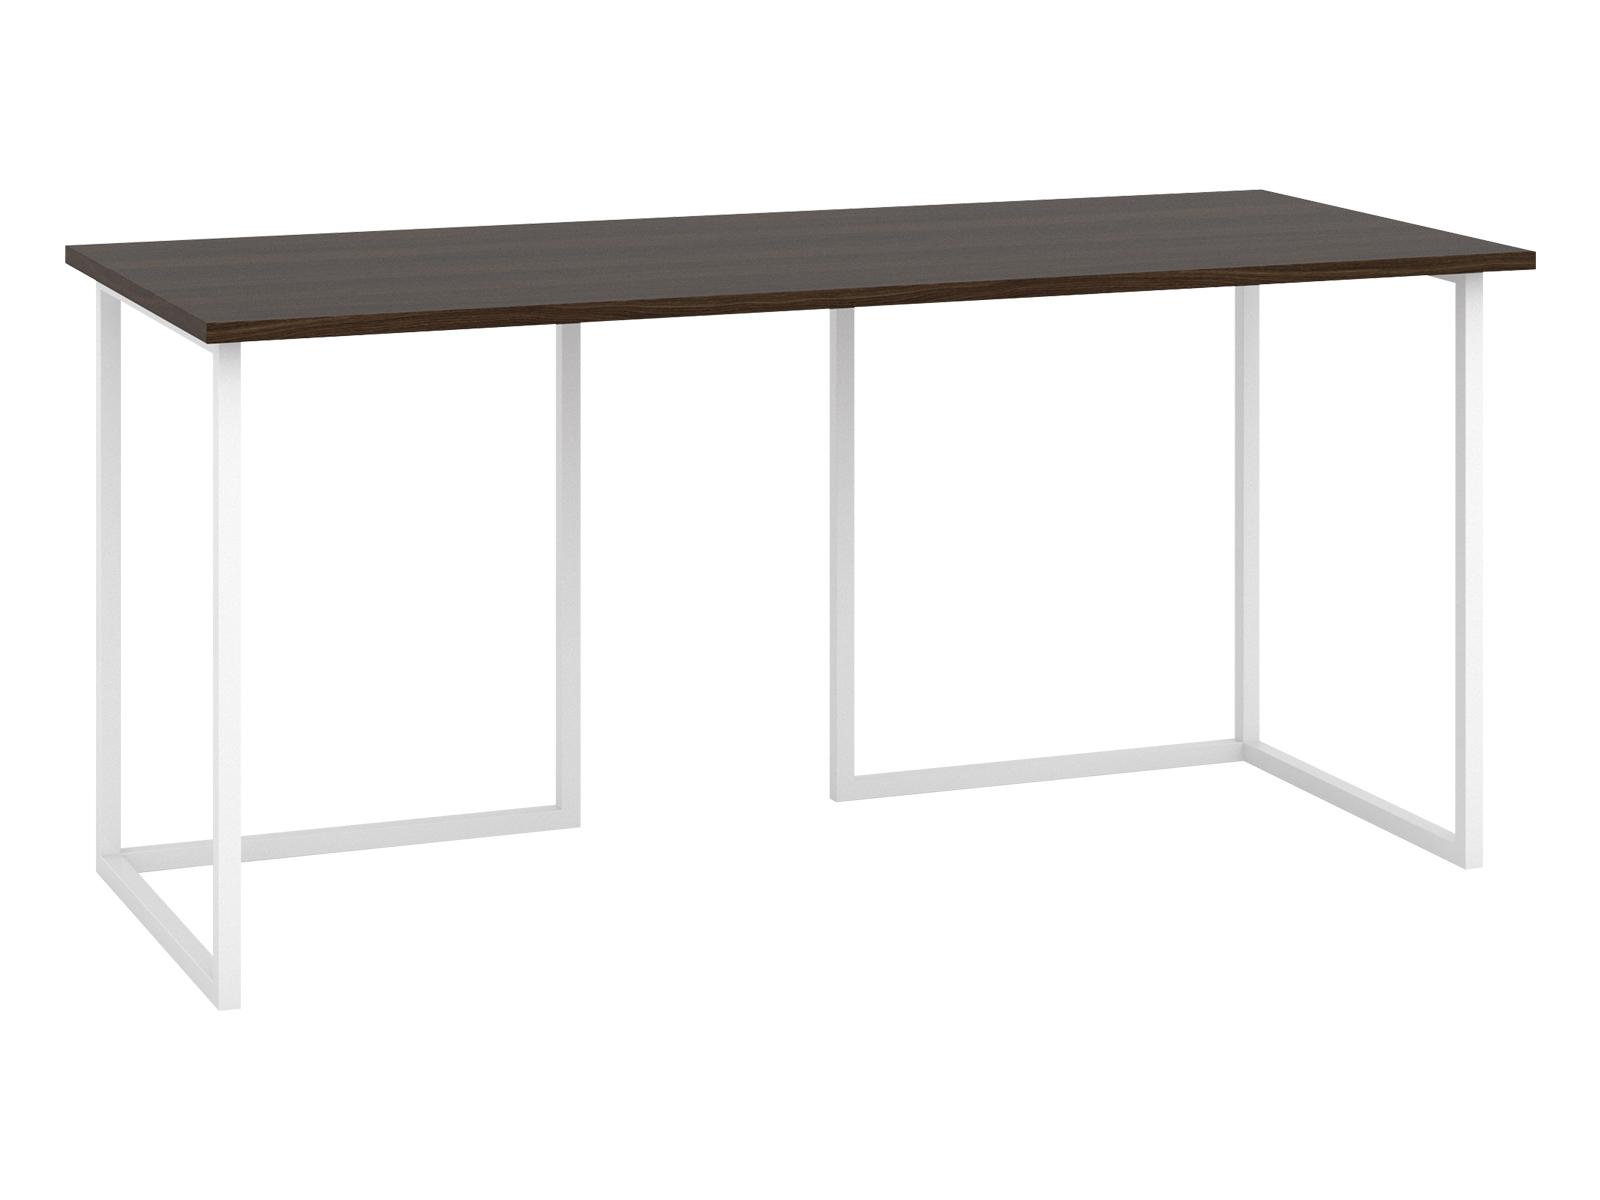 Стол BoardПисьменные столы<br>&amp;lt;div&amp;gt;Большой выбор столешниц и цветов оснований позволяет создавать комбинации, точно отвечающие вашим потребностям.&amp;lt;/div&amp;gt;&amp;lt;div&amp;gt;&amp;lt;br&amp;gt;&amp;lt;/div&amp;gt;&amp;lt;div&amp;gt;Материалы:&amp;lt;/div&amp;gt;&amp;lt;div&amp;gt;Основание: металл окрашенный.&amp;lt;/div&amp;gt;&amp;lt;div&amp;gt;Полки: ЛДСП 22мм.&amp;lt;/div&amp;gt;<br><br>Material: ДСП